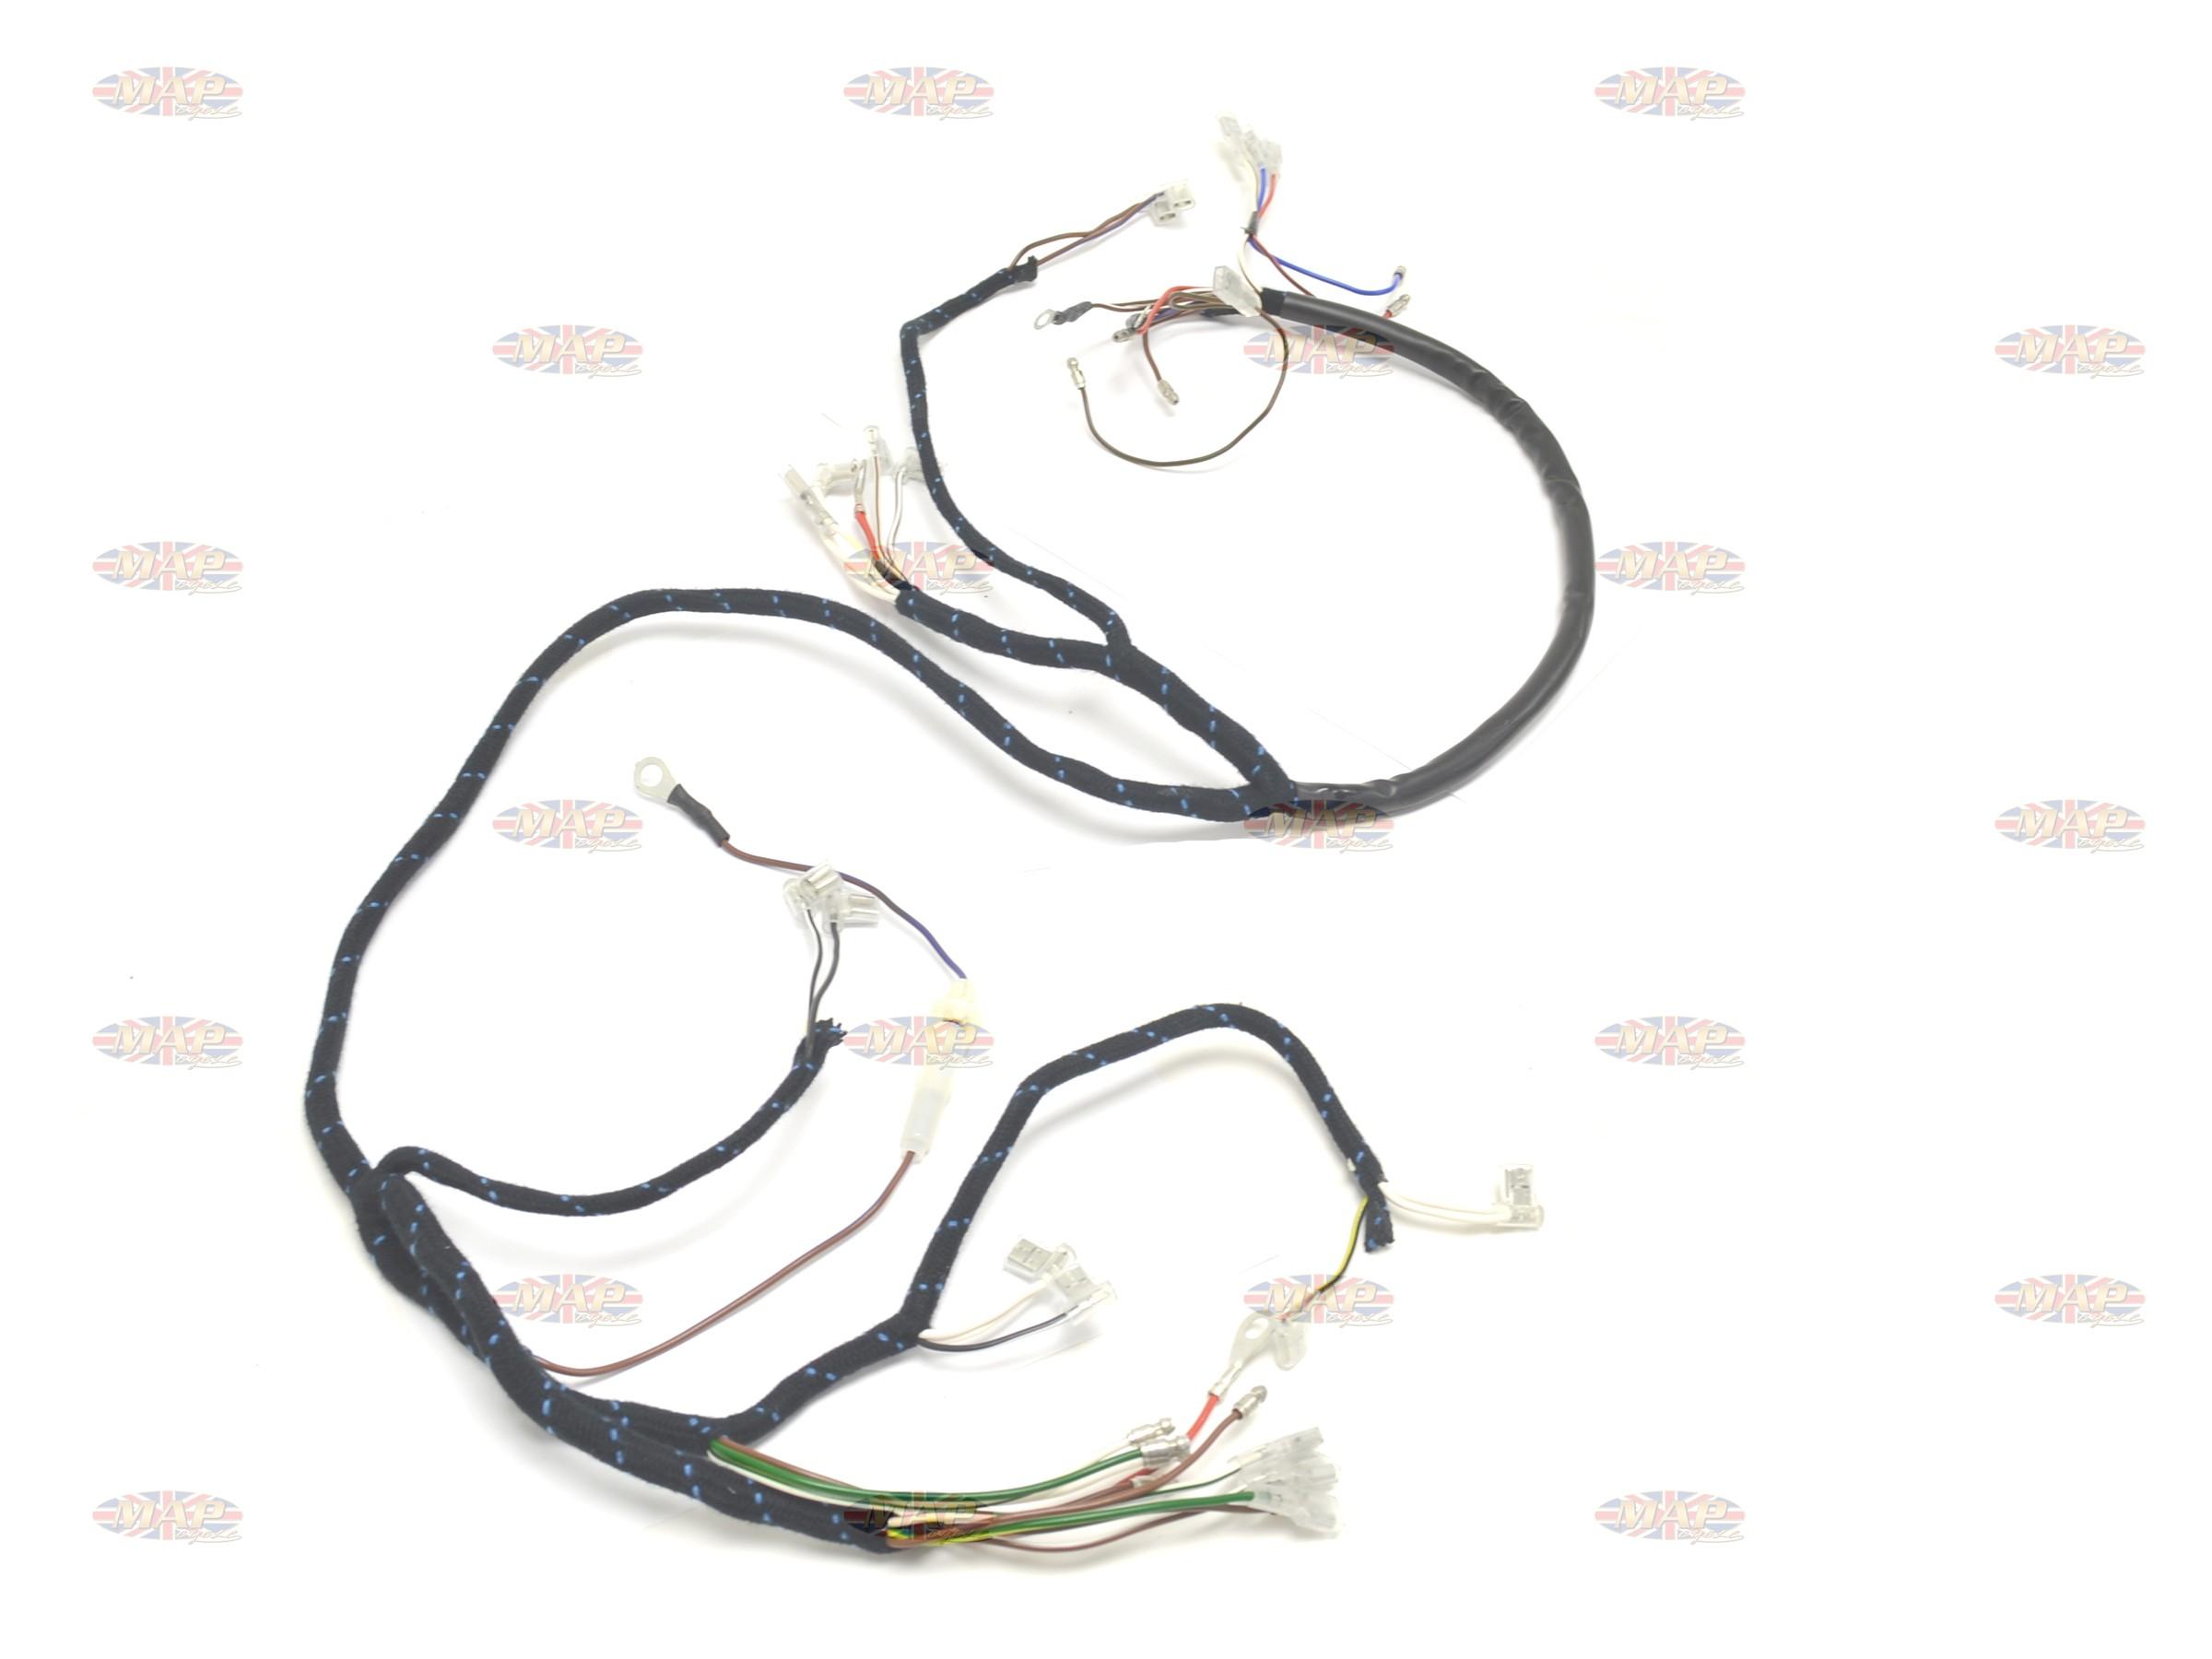 BSA 1968-69 A50 A65 English-Made 12-Volt Wiring Harness